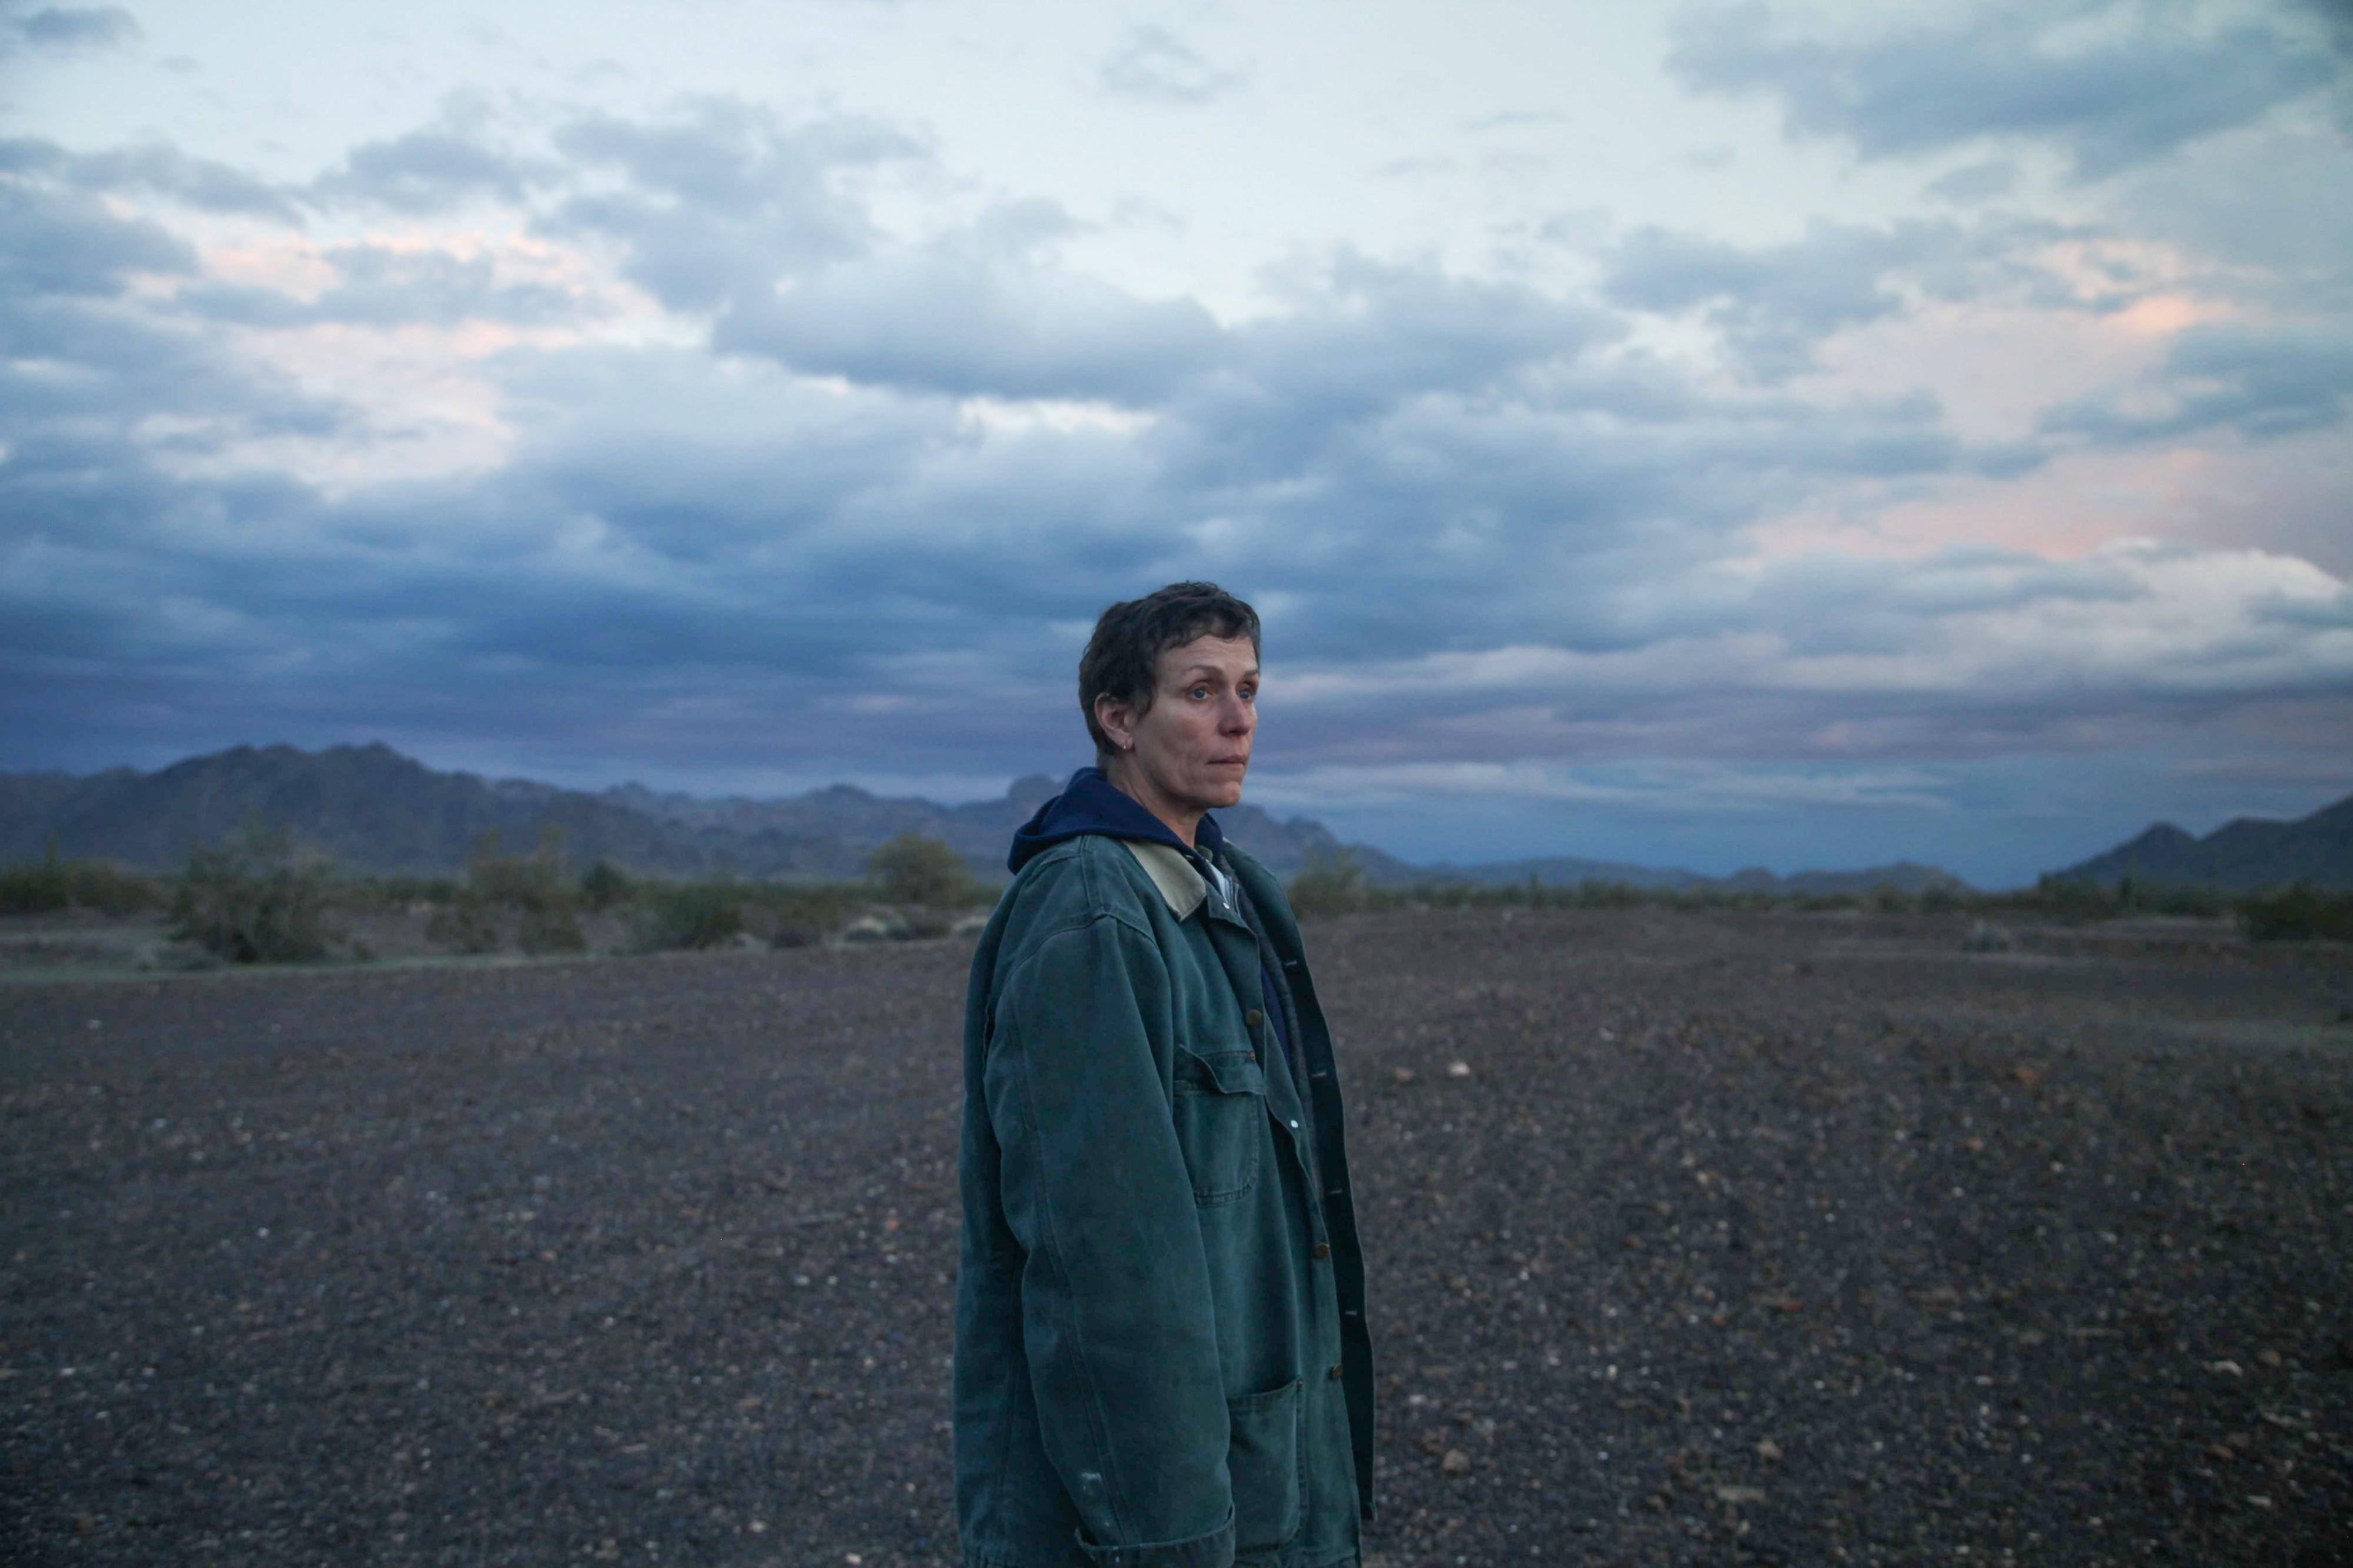 电影《游牧人生》是四海为家的旅行还是无家可归的流浪 (3)